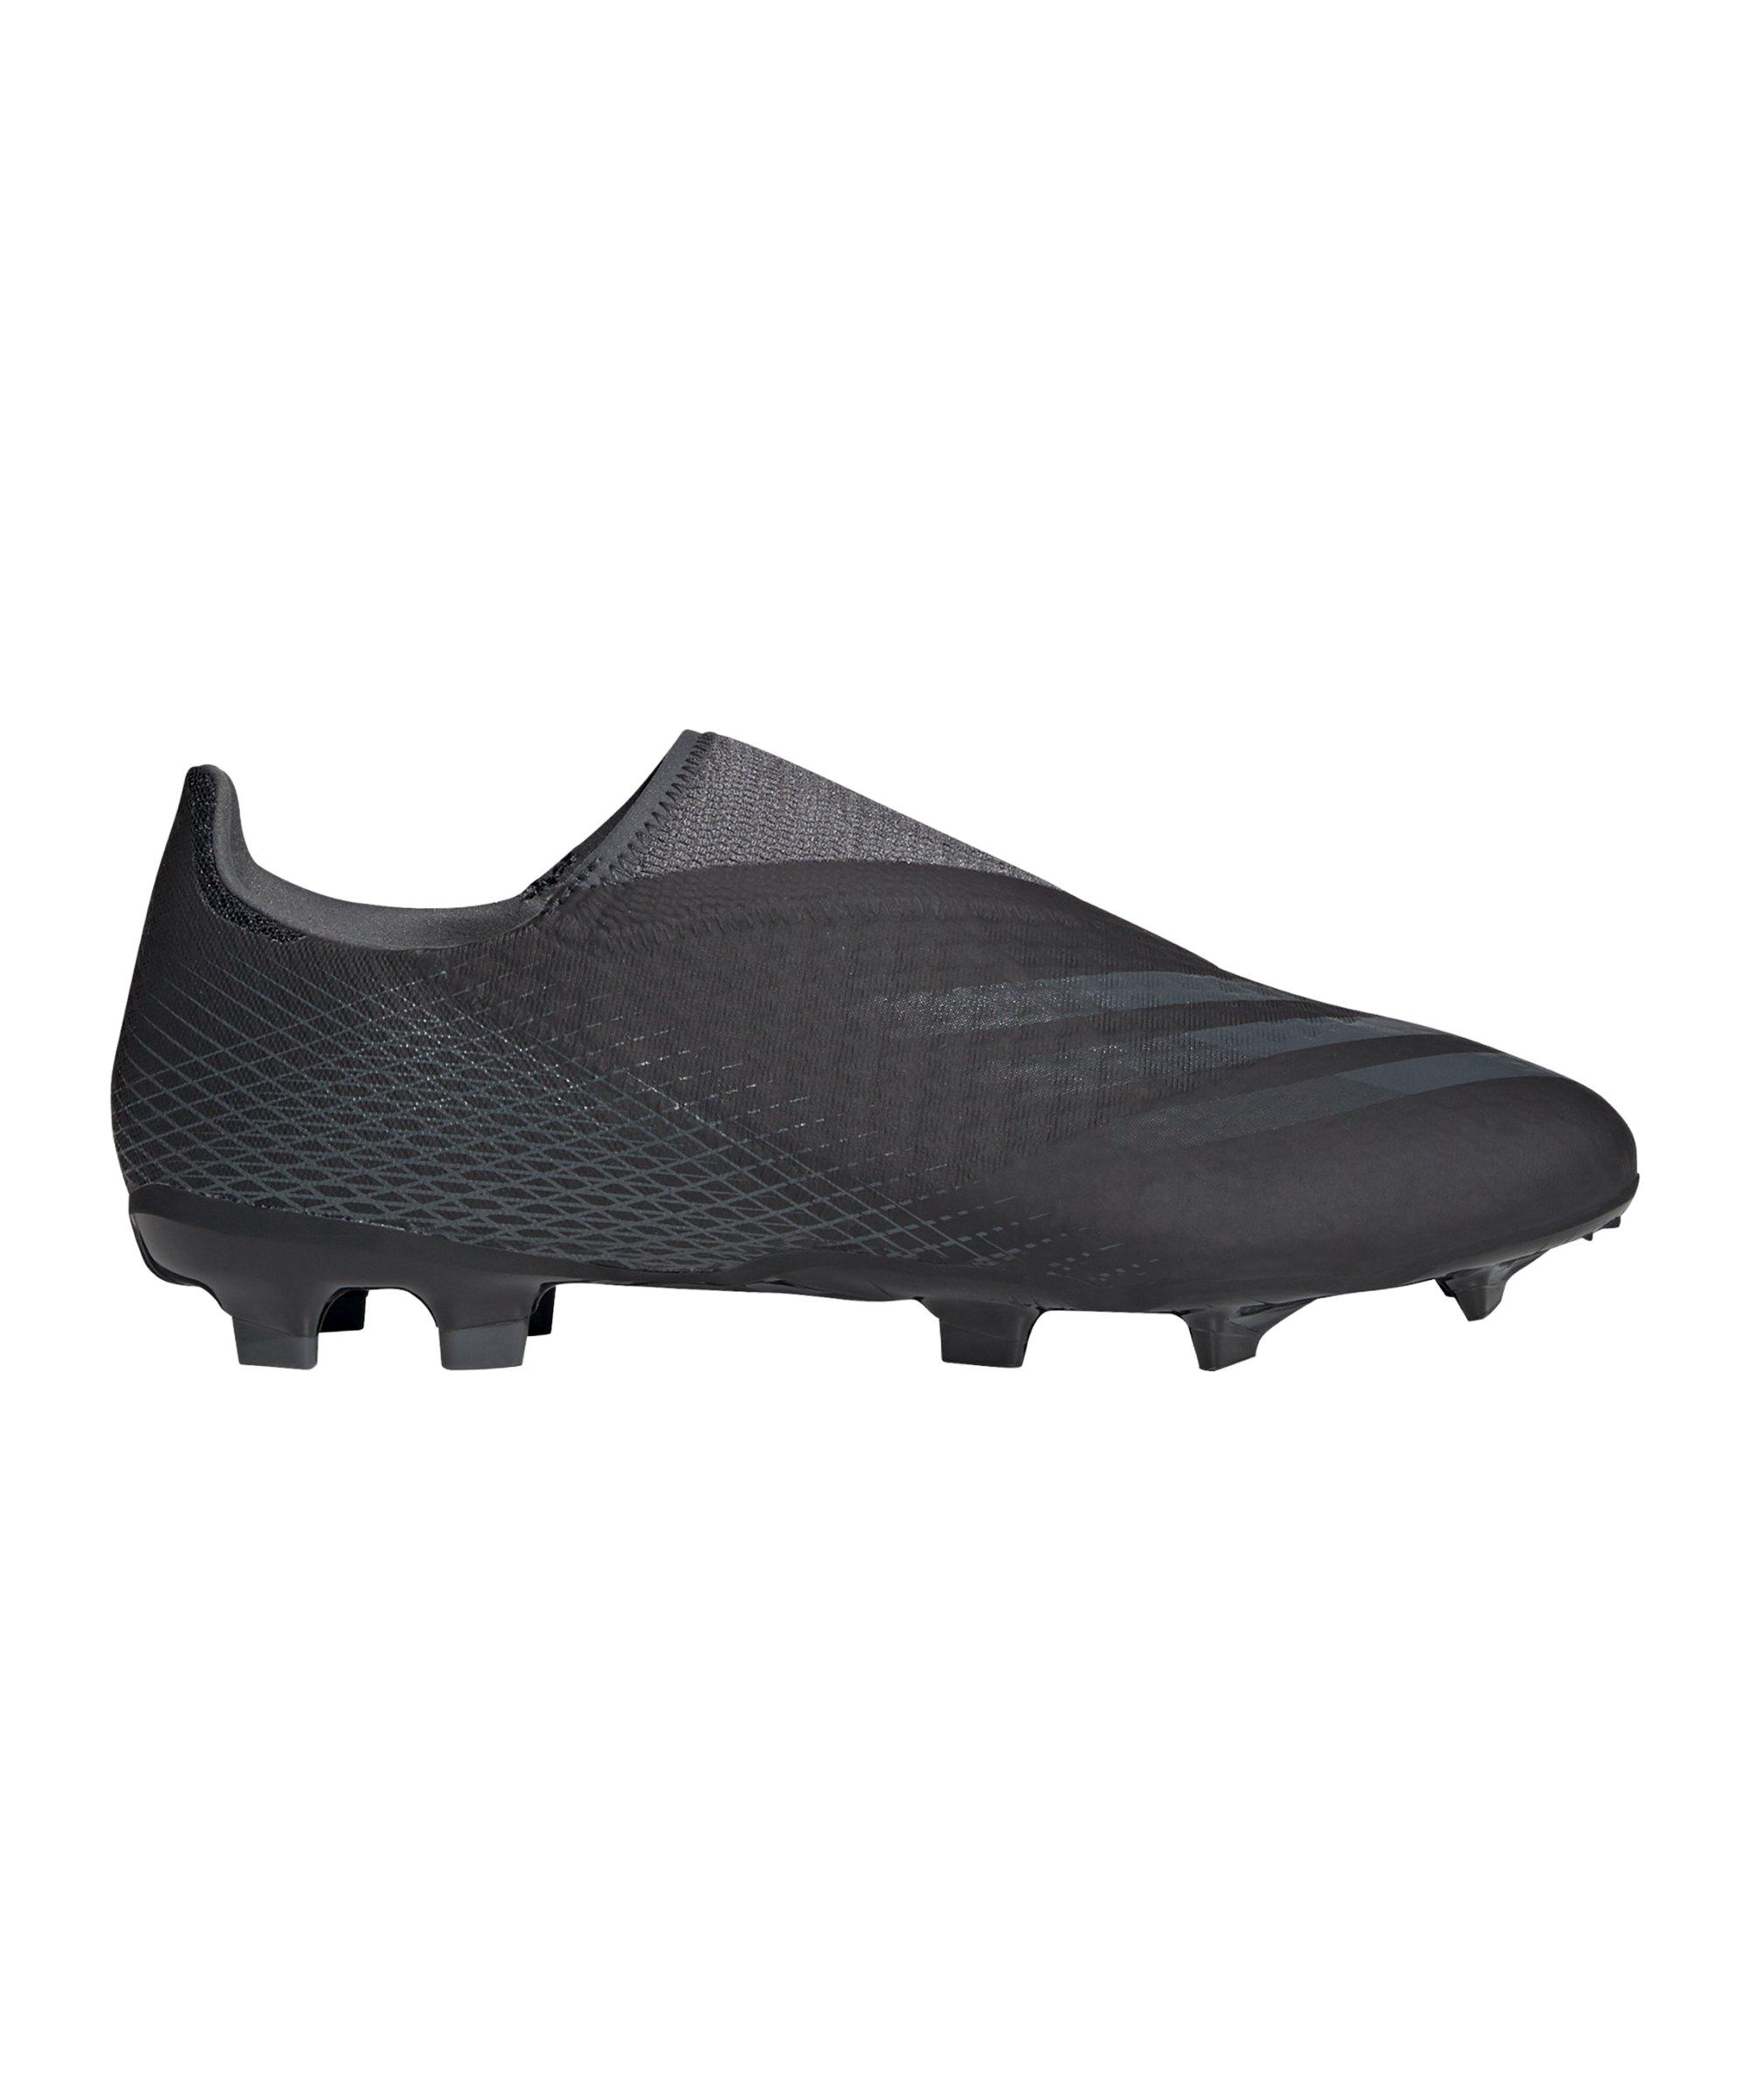 adidas X GHOSTED.3 LL FG Dark Motion Schwarz Grau - schwarz